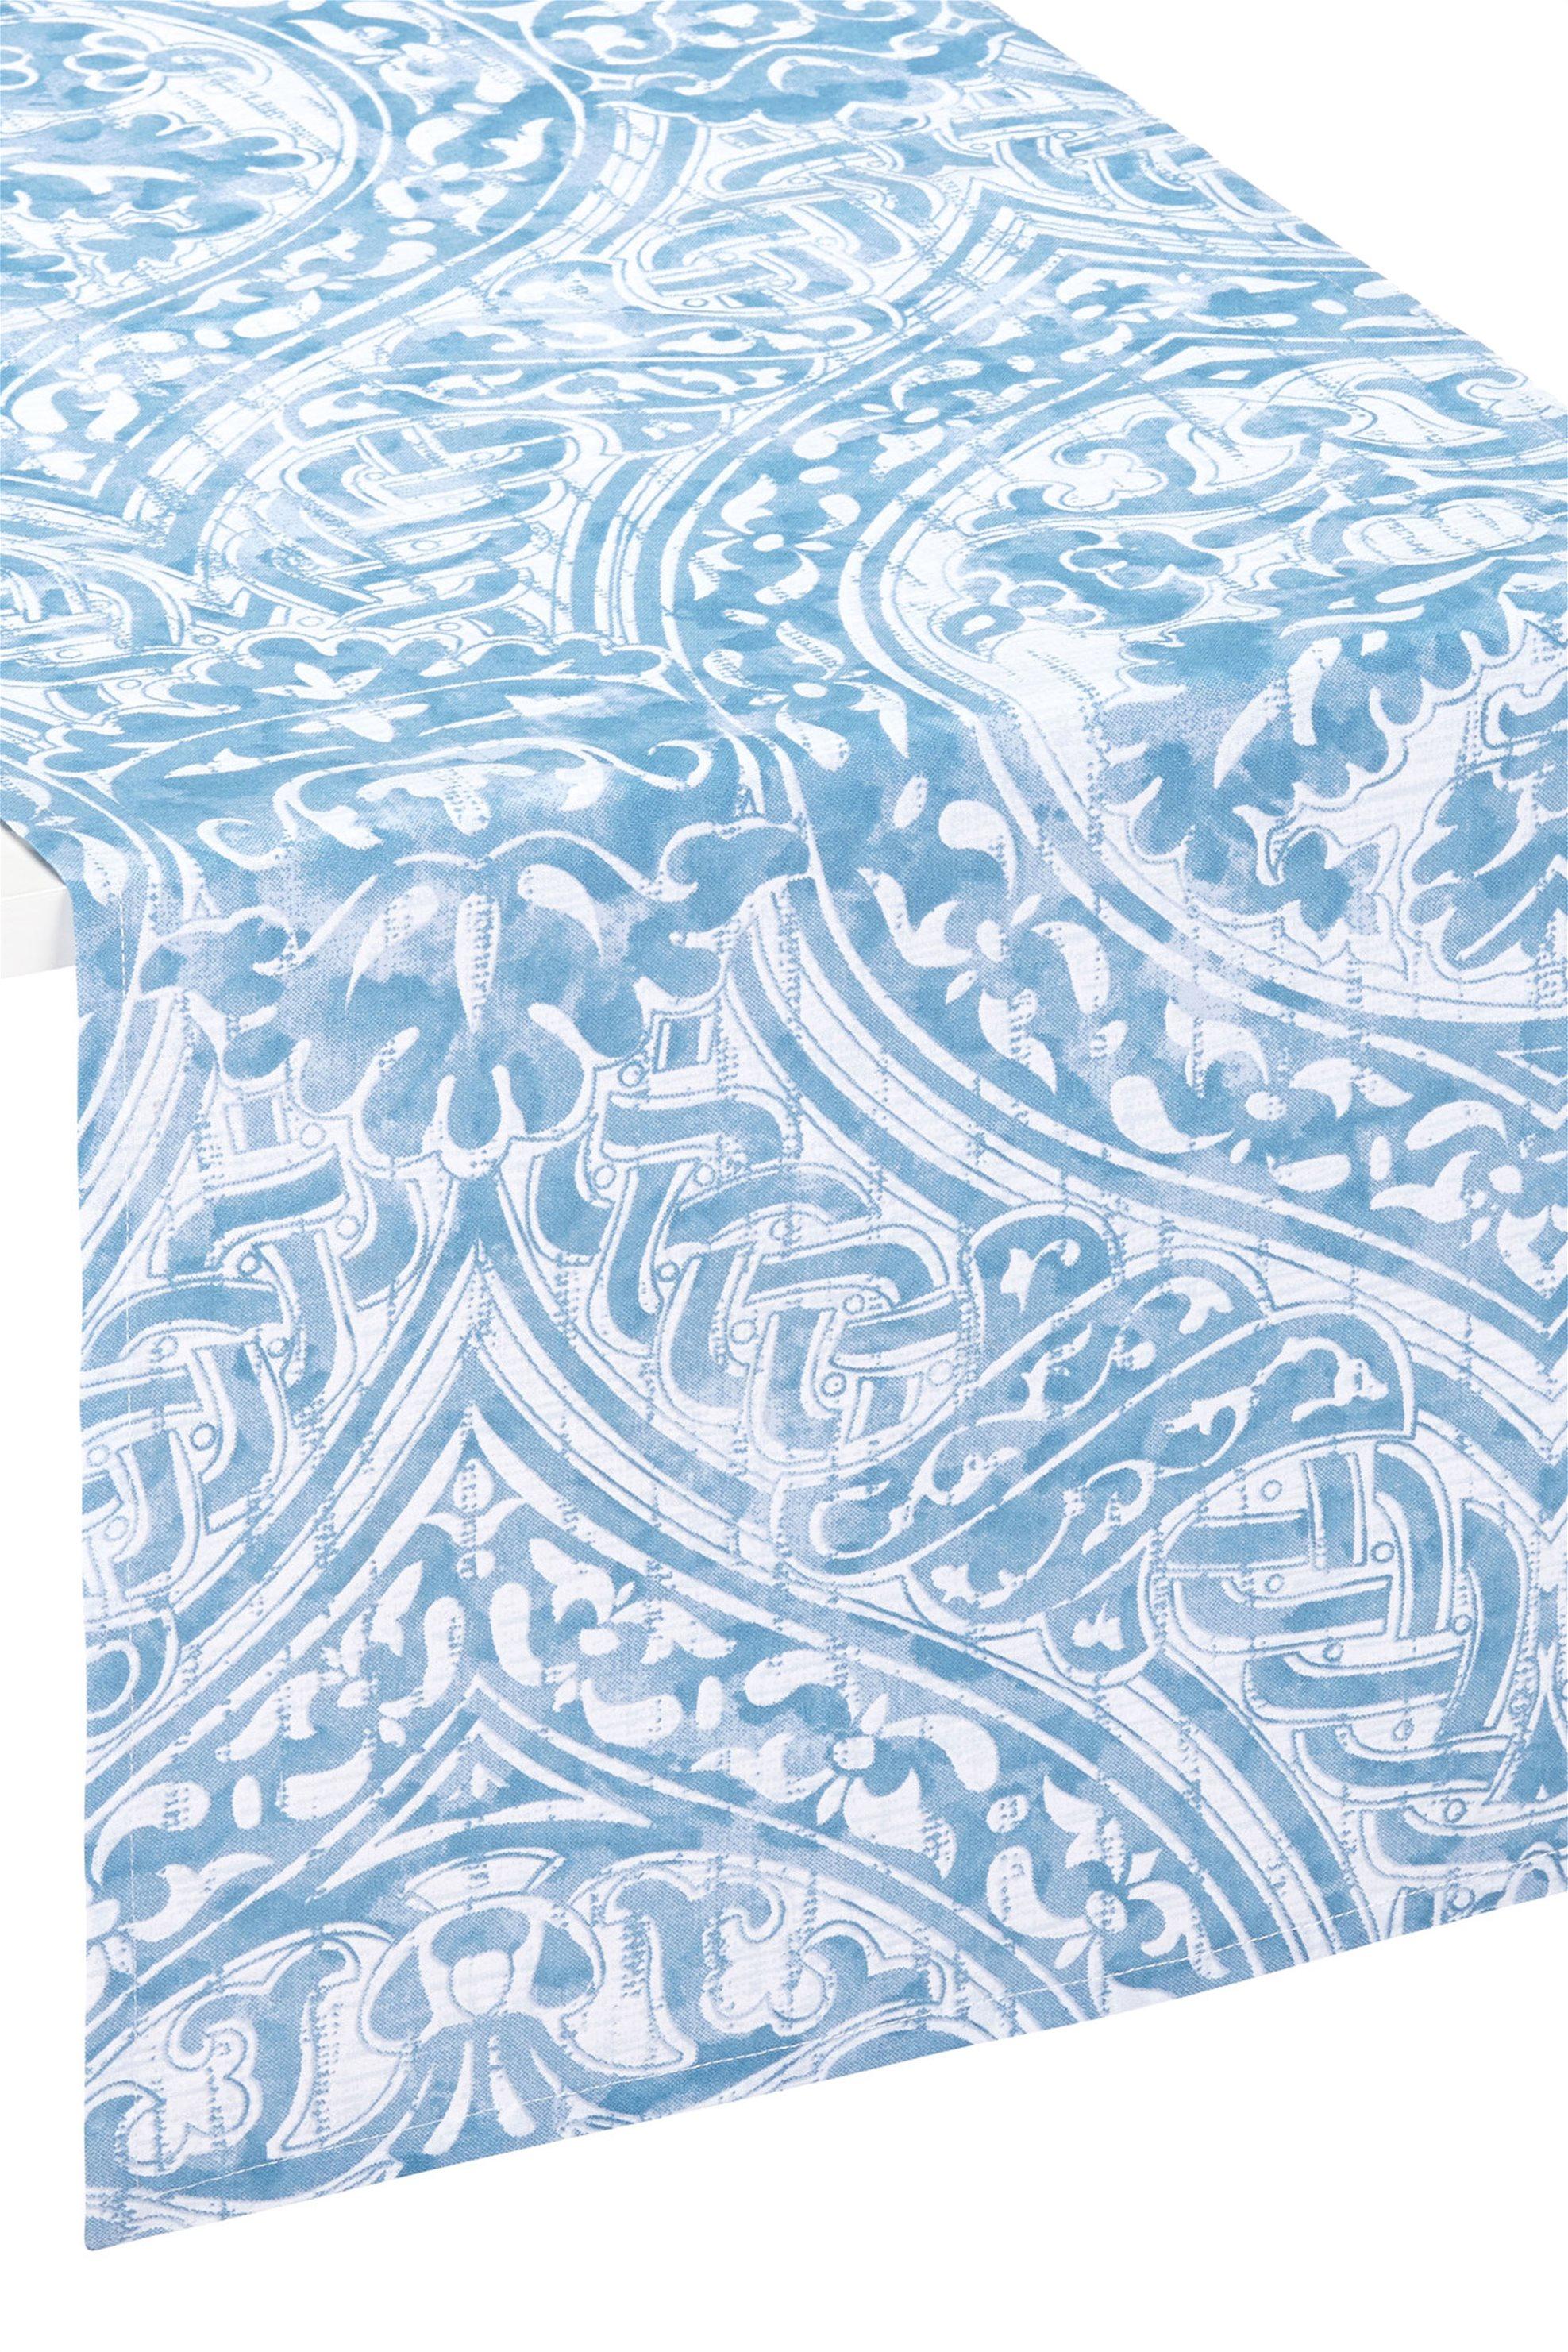 Ράνερ damask print 120 x 40 cm Coincasa - 000496083 - Κοραλί home   κουζινα   τραβέρσες   ράνερ